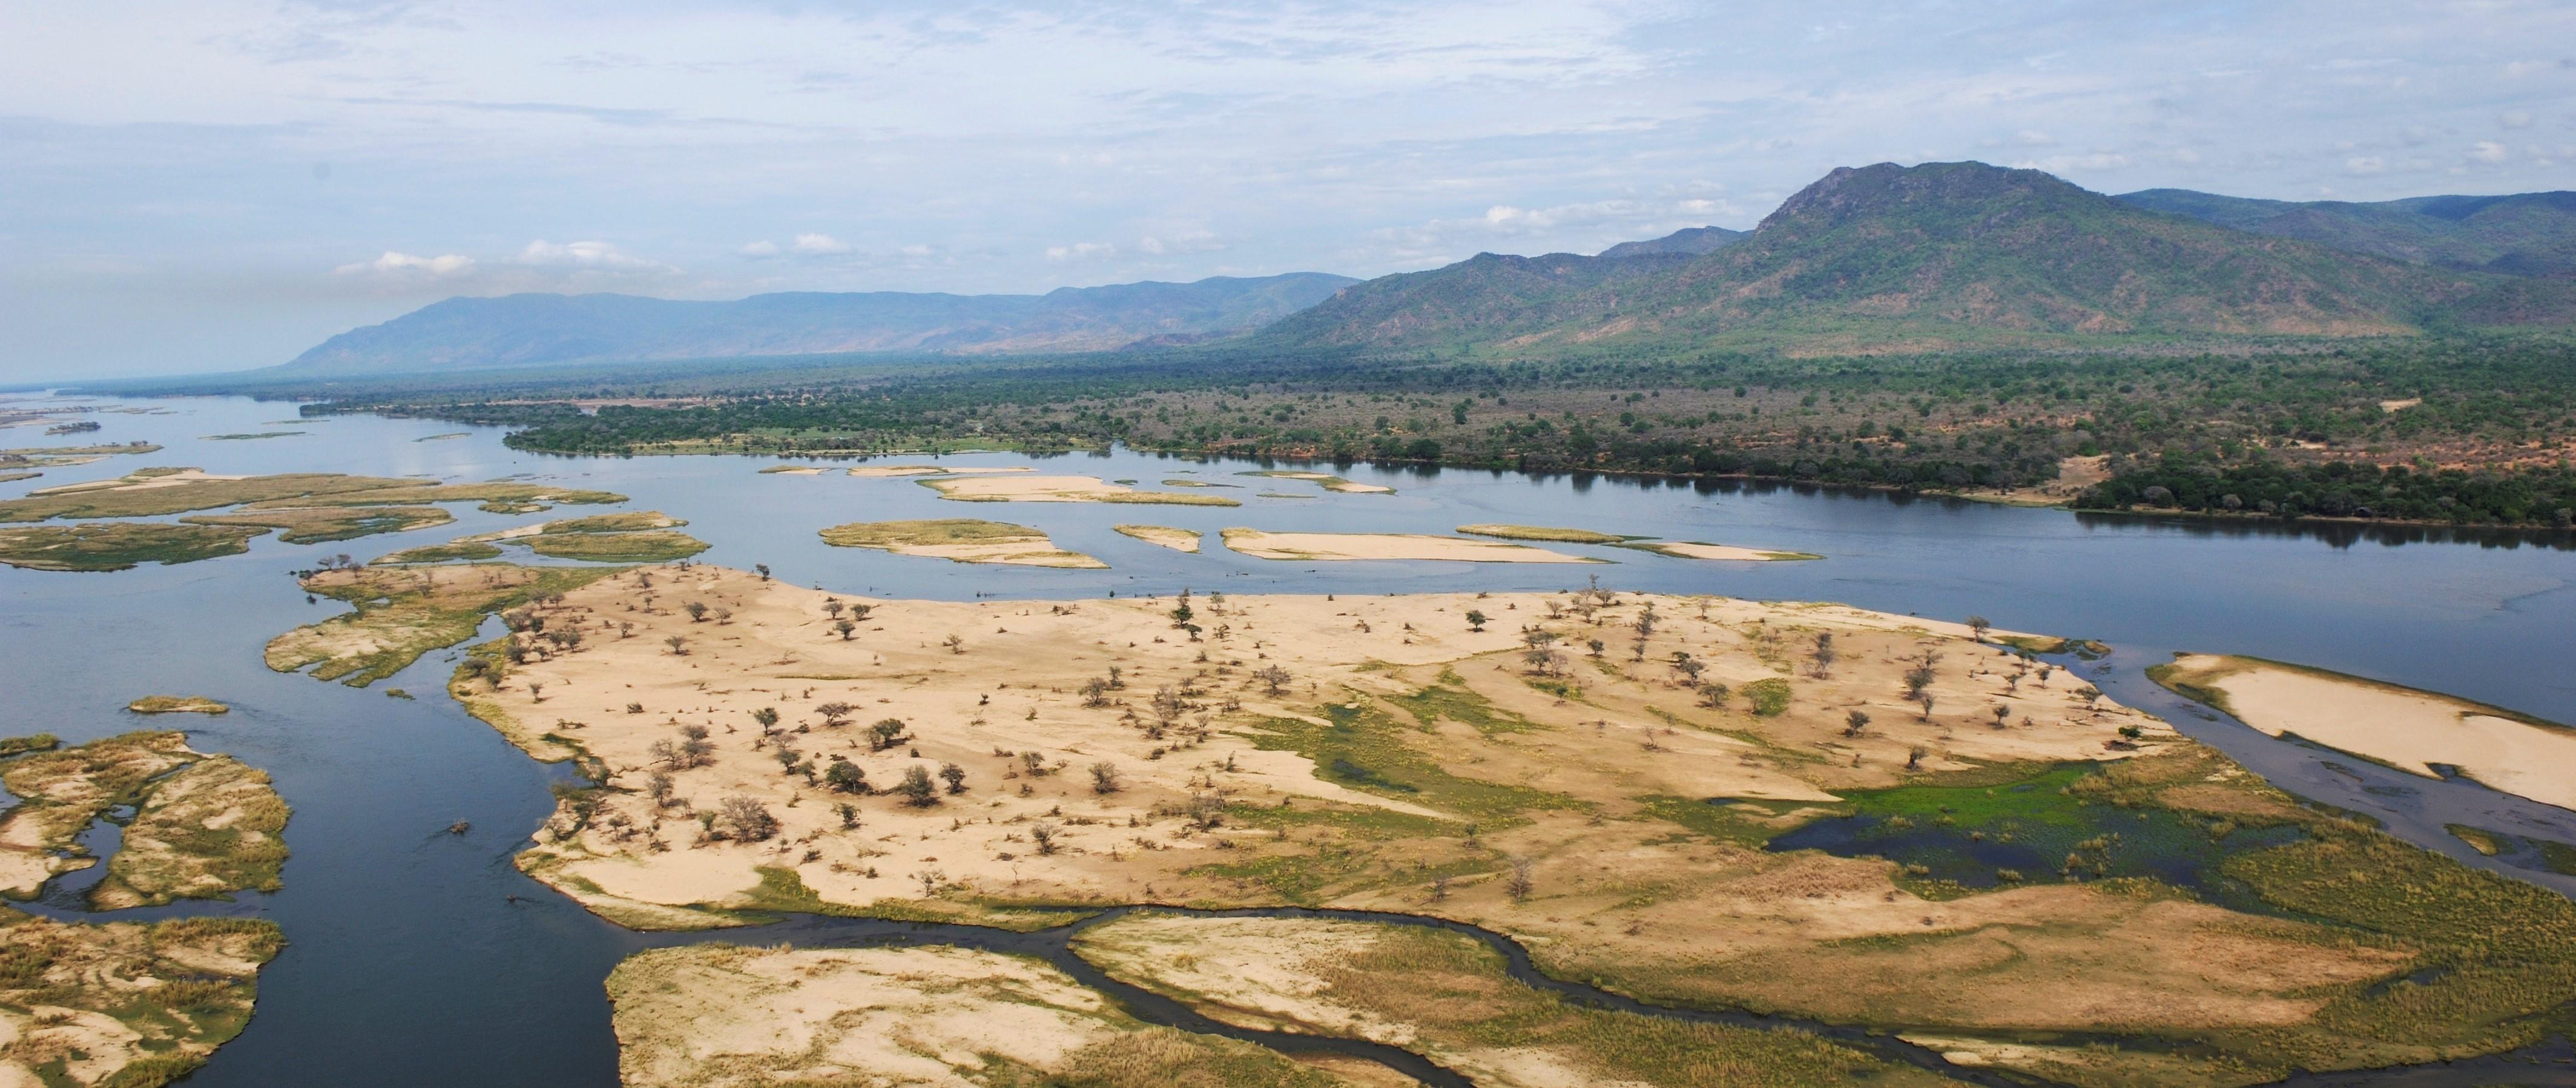 luxury-lower-zambezi-safaris